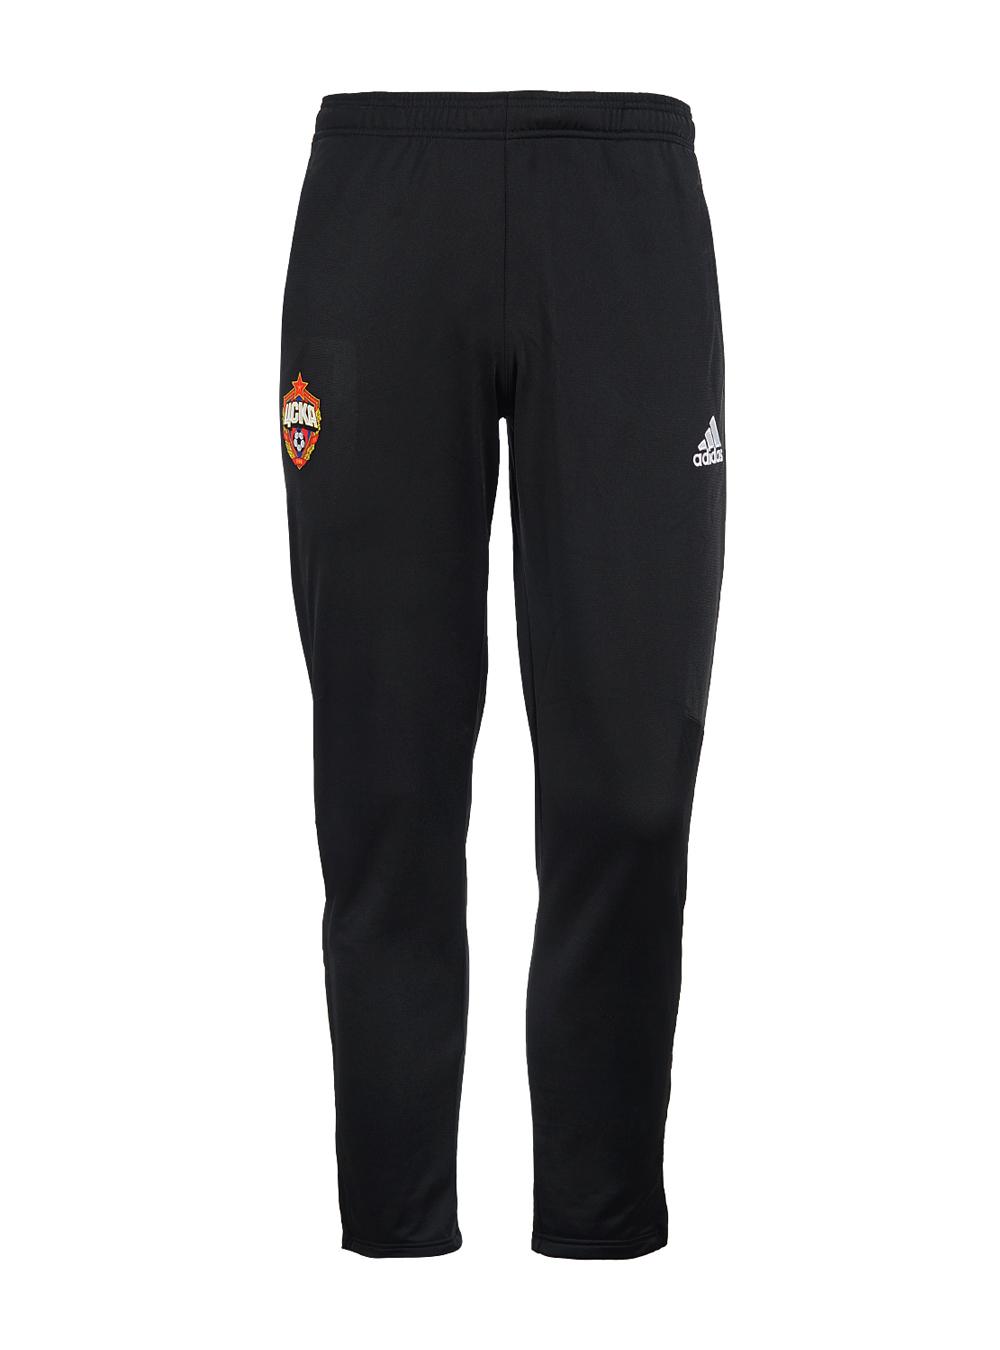 Тренировочный костюм (брюки) (M)Экипировка 2017/2018<br>Тренировочный костюм (брюки)<br>